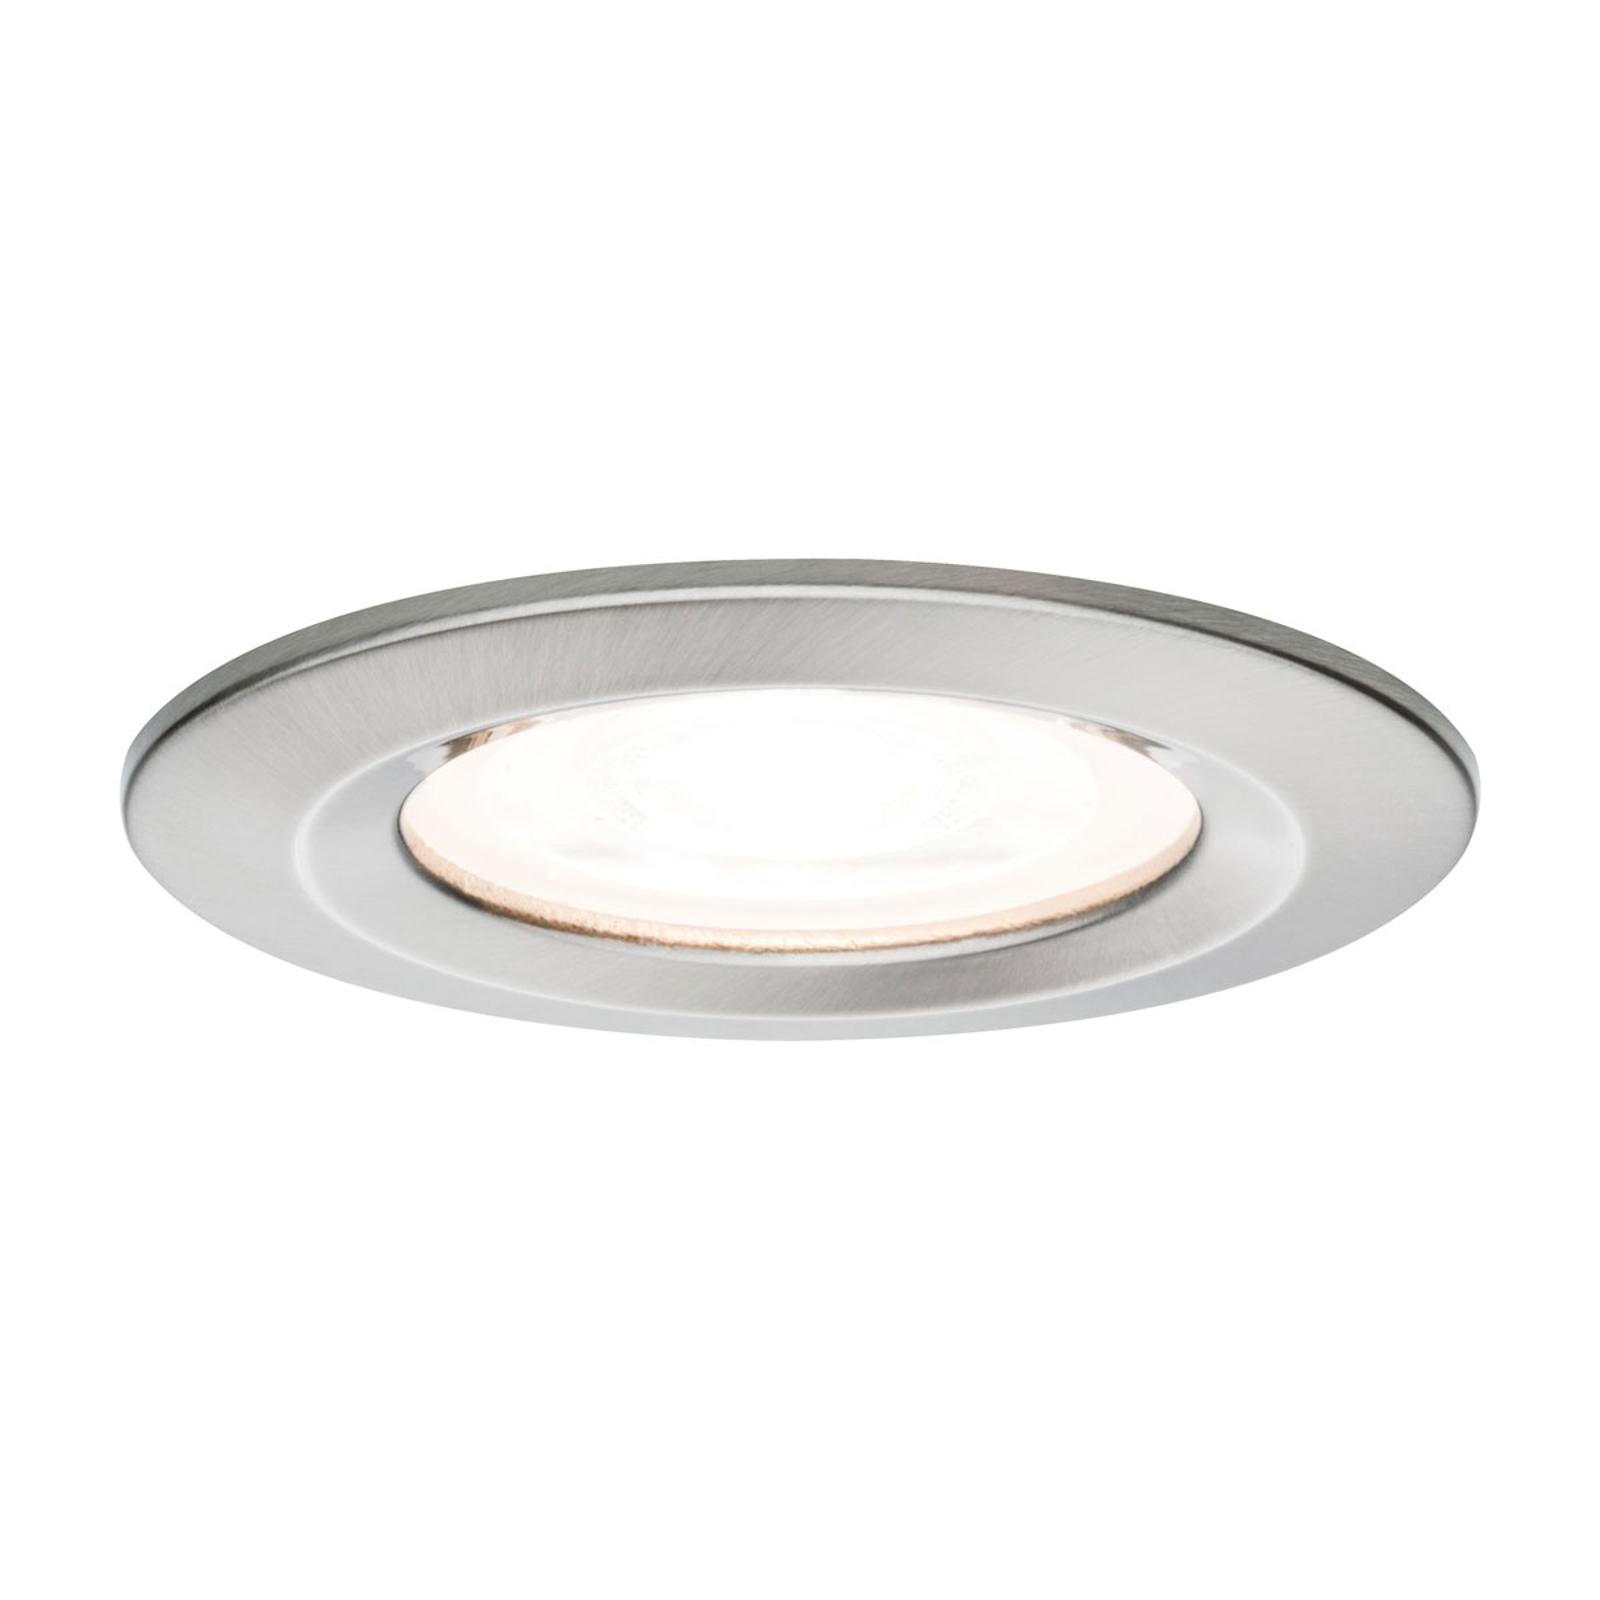 Paulmann LED-spot Nova rund, IP44, dimbar, järn